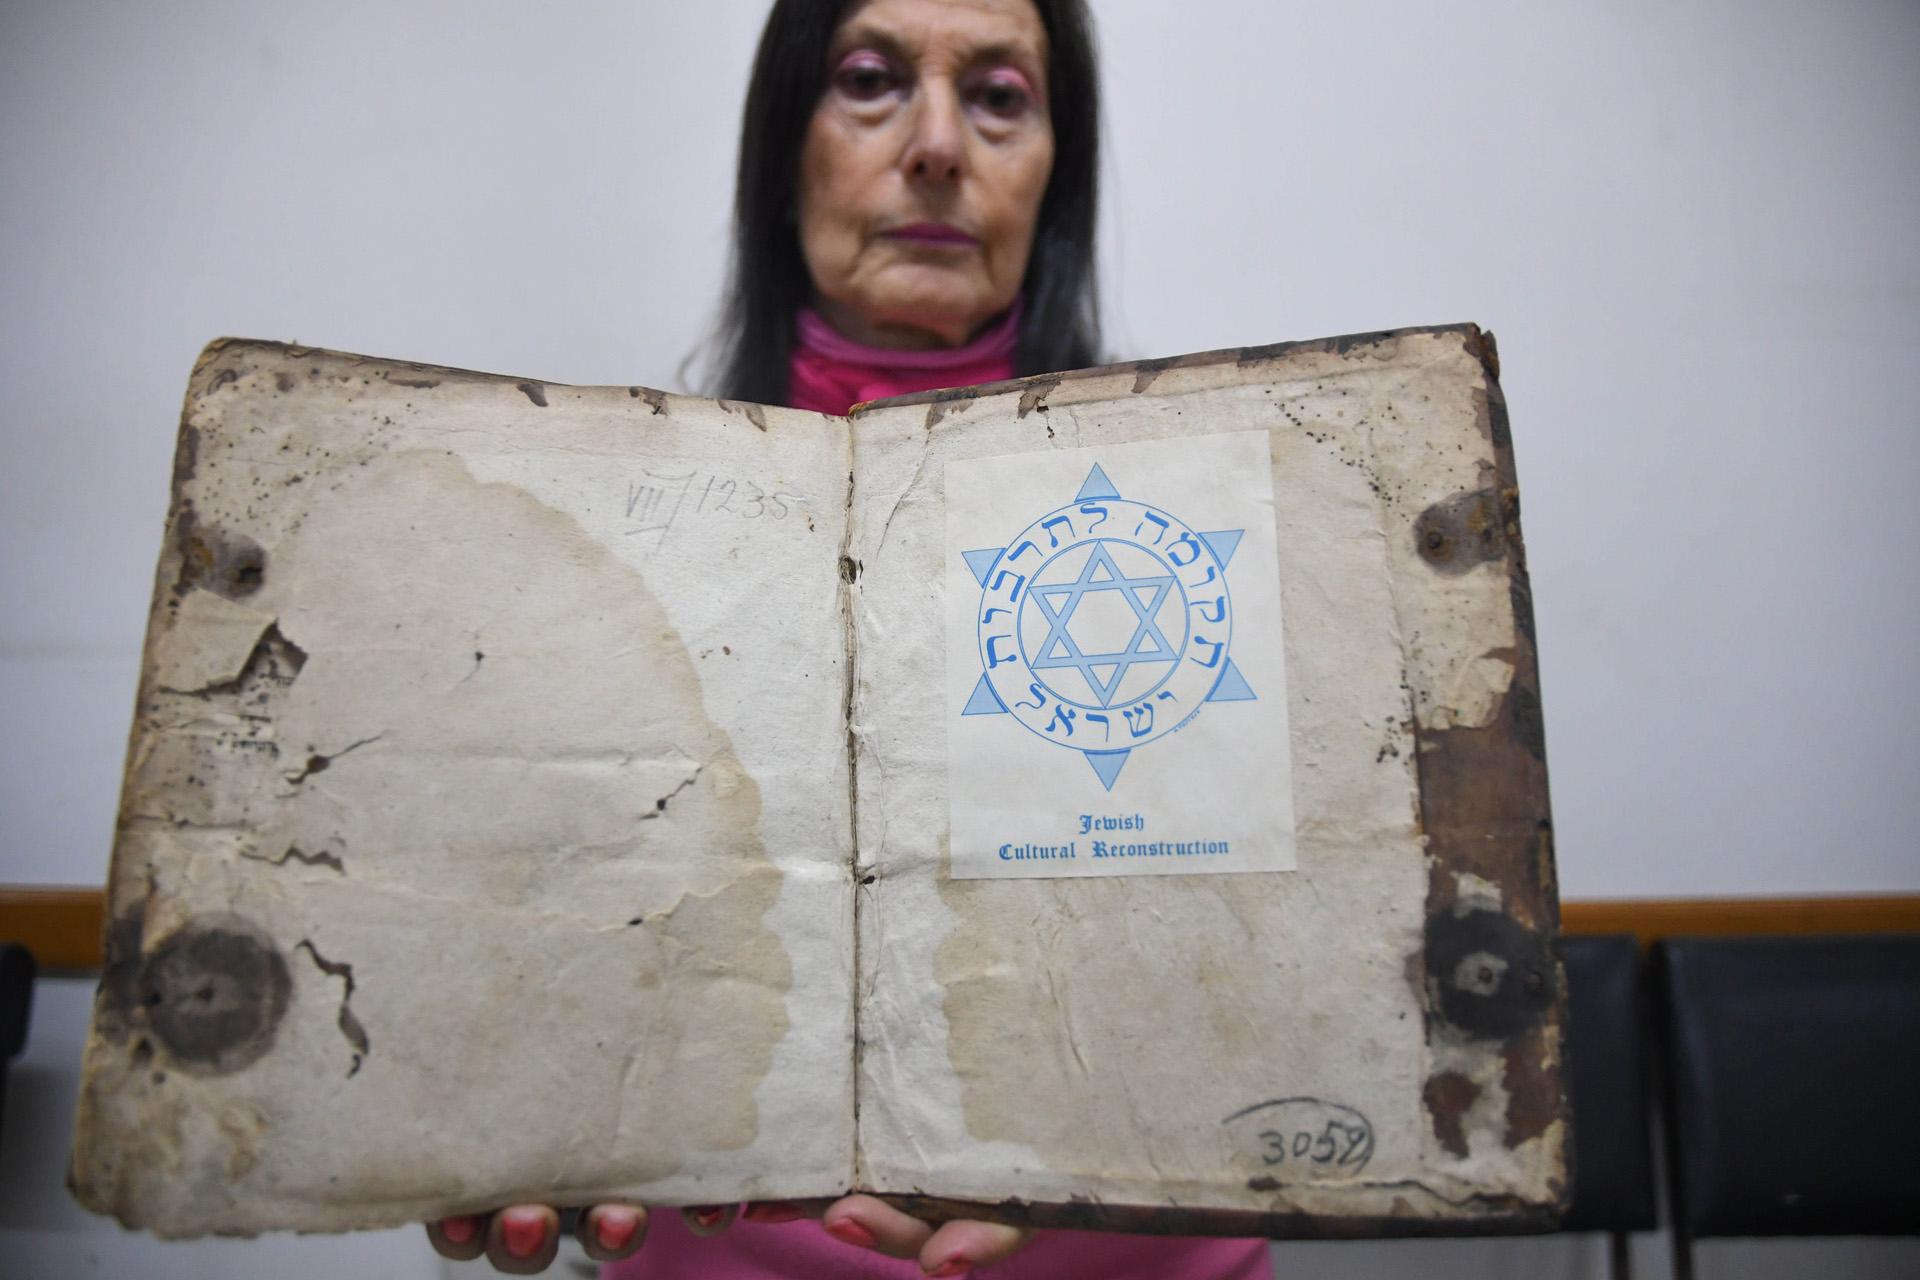 """La directora académica del IWO, Ester Szwarc, recordó la epopeya que significó el rescate del patrimonio cultural de su institución, que funcionaba en la sede de la AMIA hasta el atentado de 1994, y que unos """"800 jóvenes lograron recuperar muchos materiales que ya habían sobrevivido al nazismo y al Holocausto"""""""